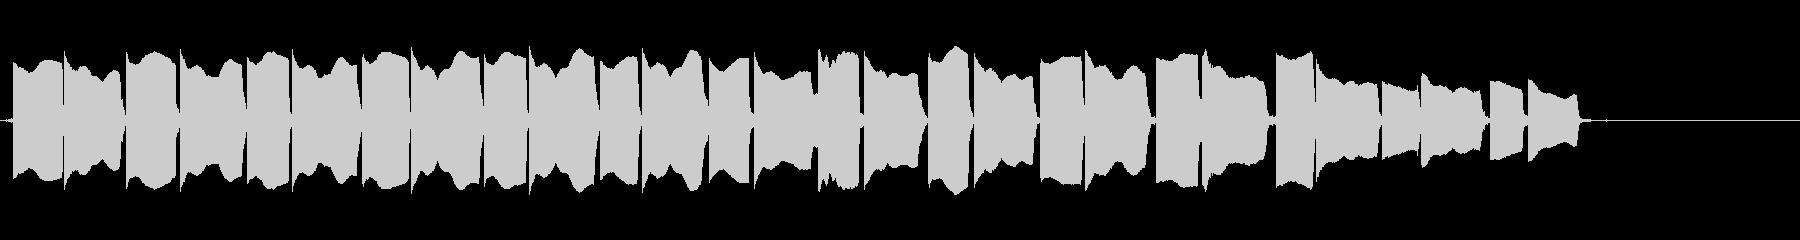 スチールギター:2トーンサイレンア...の未再生の波形